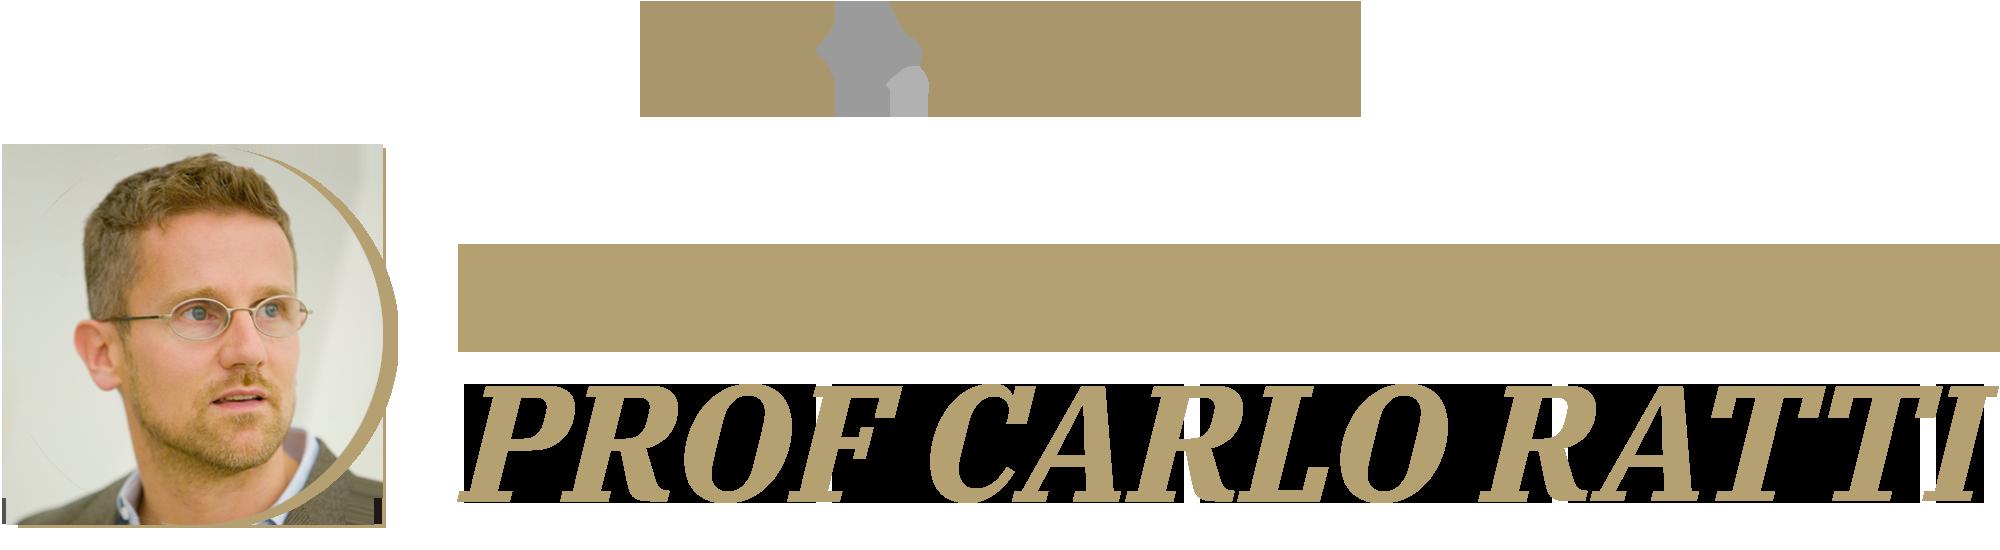 GRI Game Changers Series: Carlo Ratti